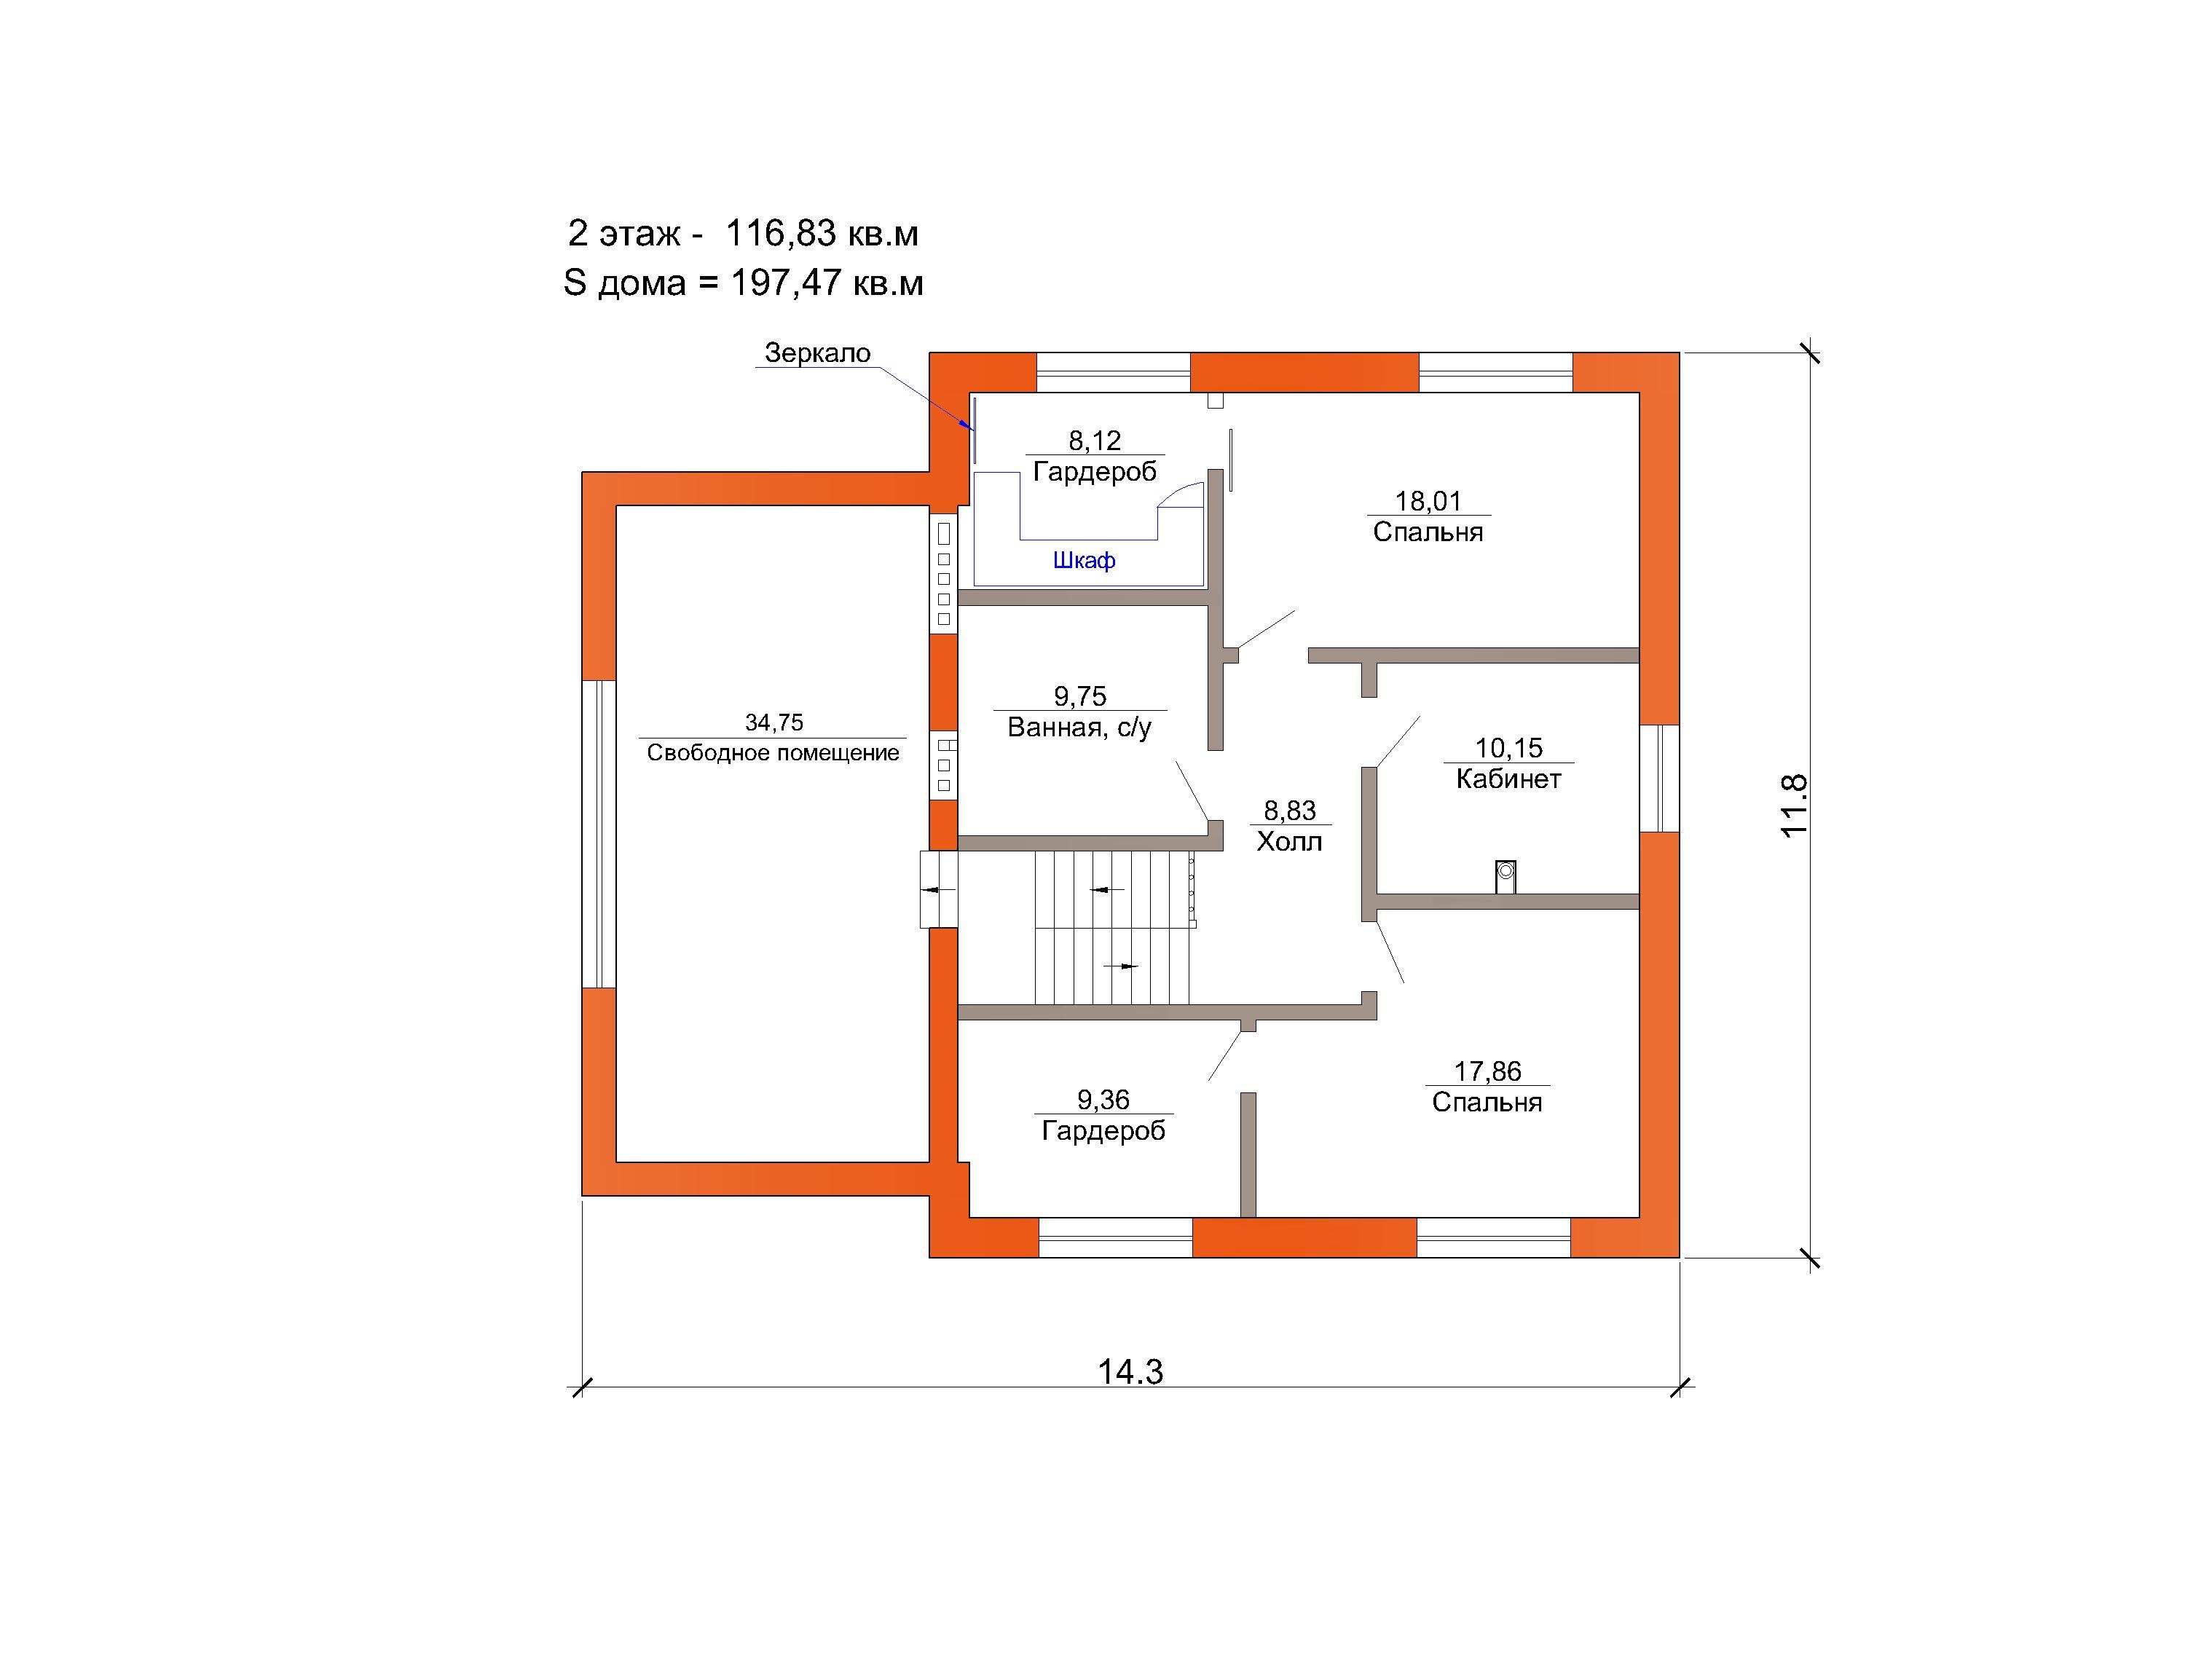 Готовый проект коттеджа 197 кв.м / Артикул Мт-121 план